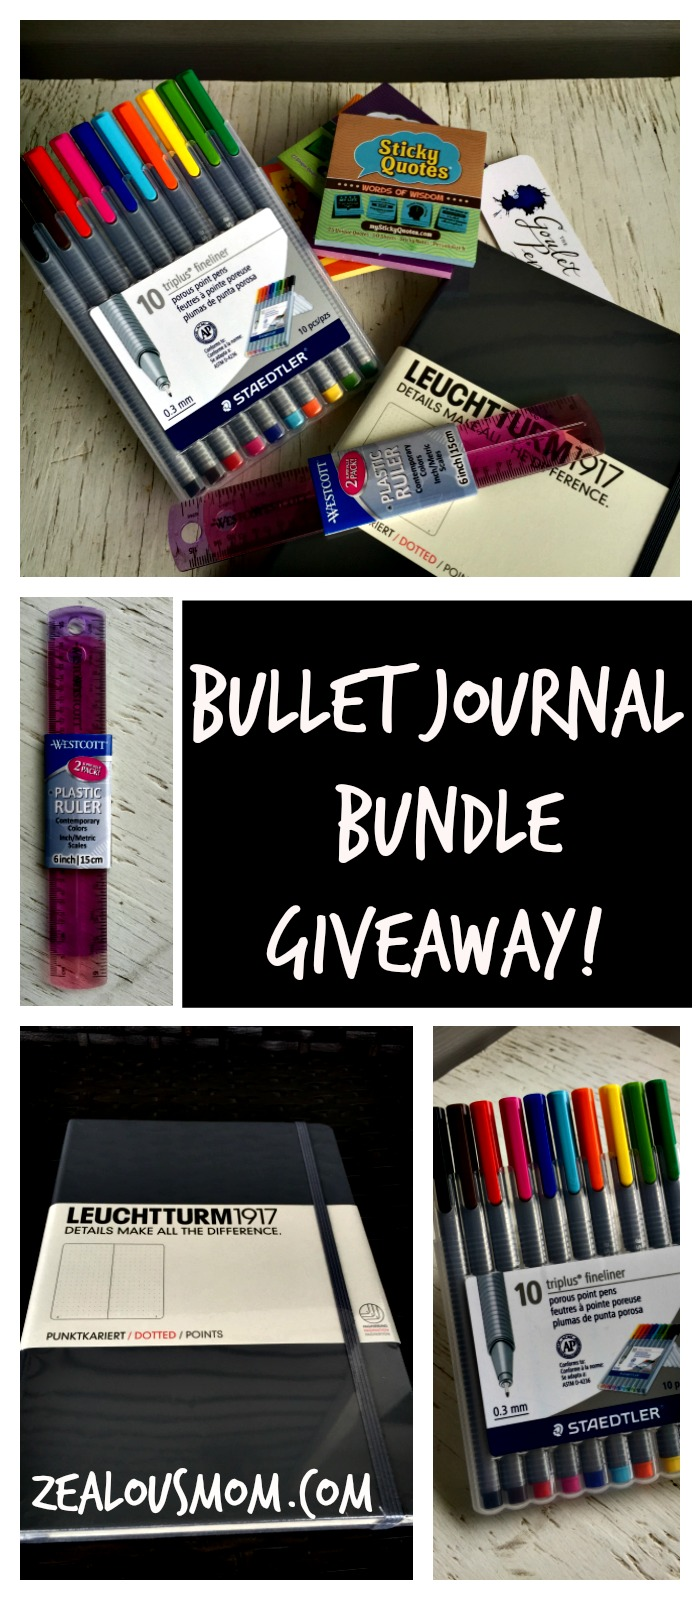 Bullet Journal Bundle #Giveaway